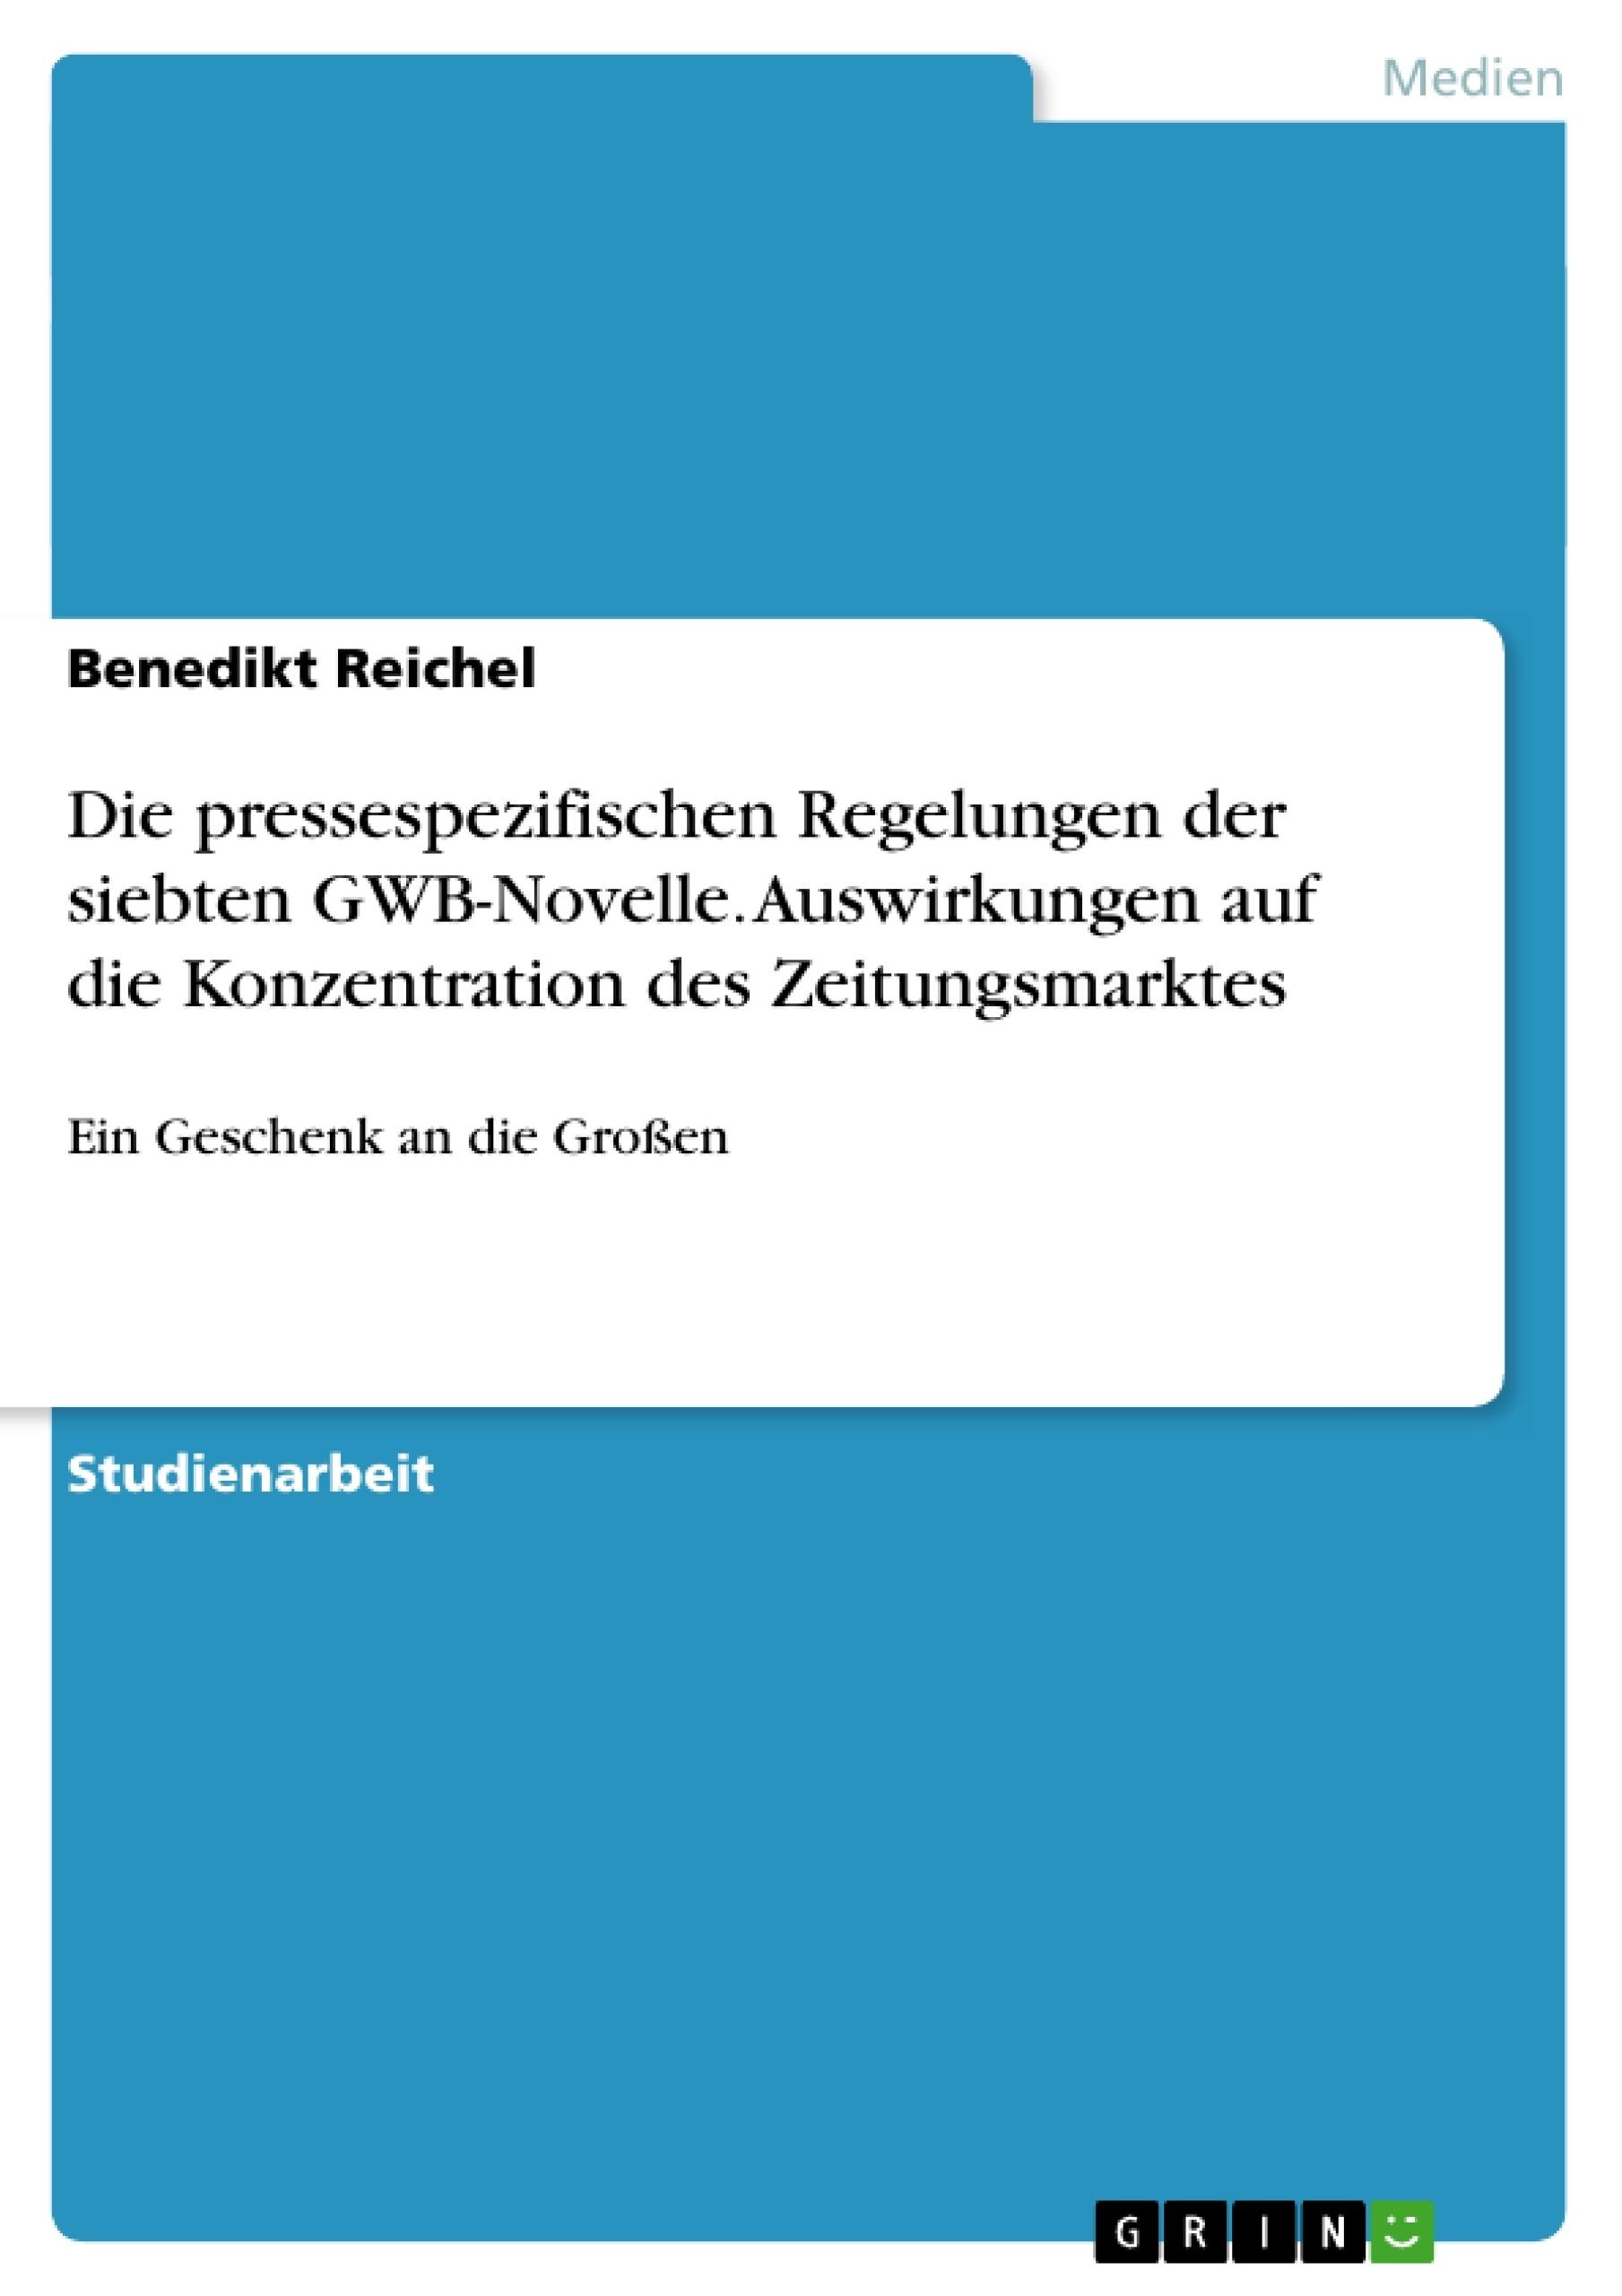 Titel: Die pressespezifischen Regelungen der siebten GWB-Novelle. Auswirkungen auf die Konzentration des Zeitungsmarktes